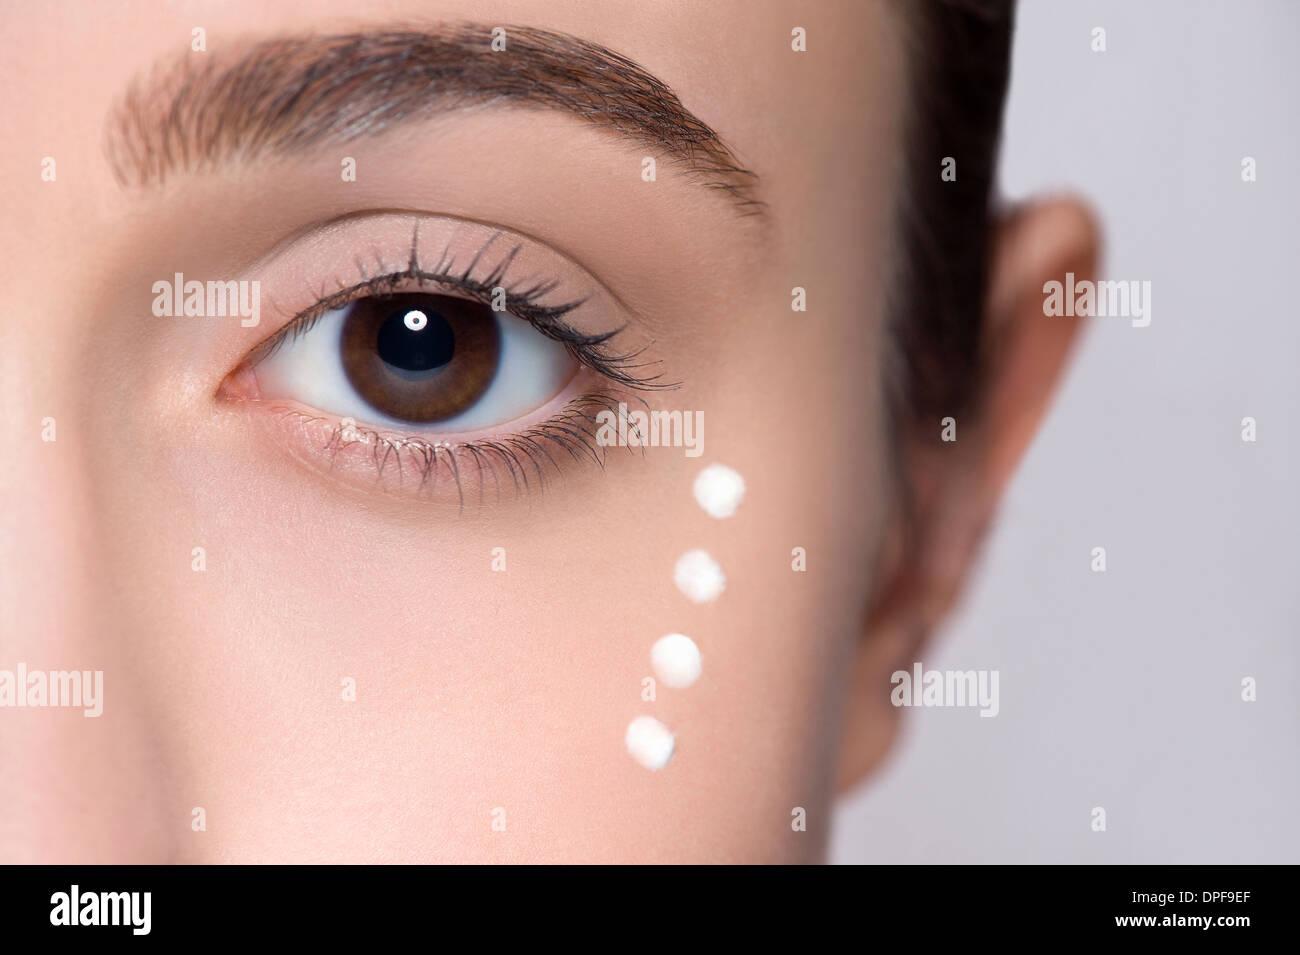 Ritagliato studio shot della giovane donna's eye Immagini Stock